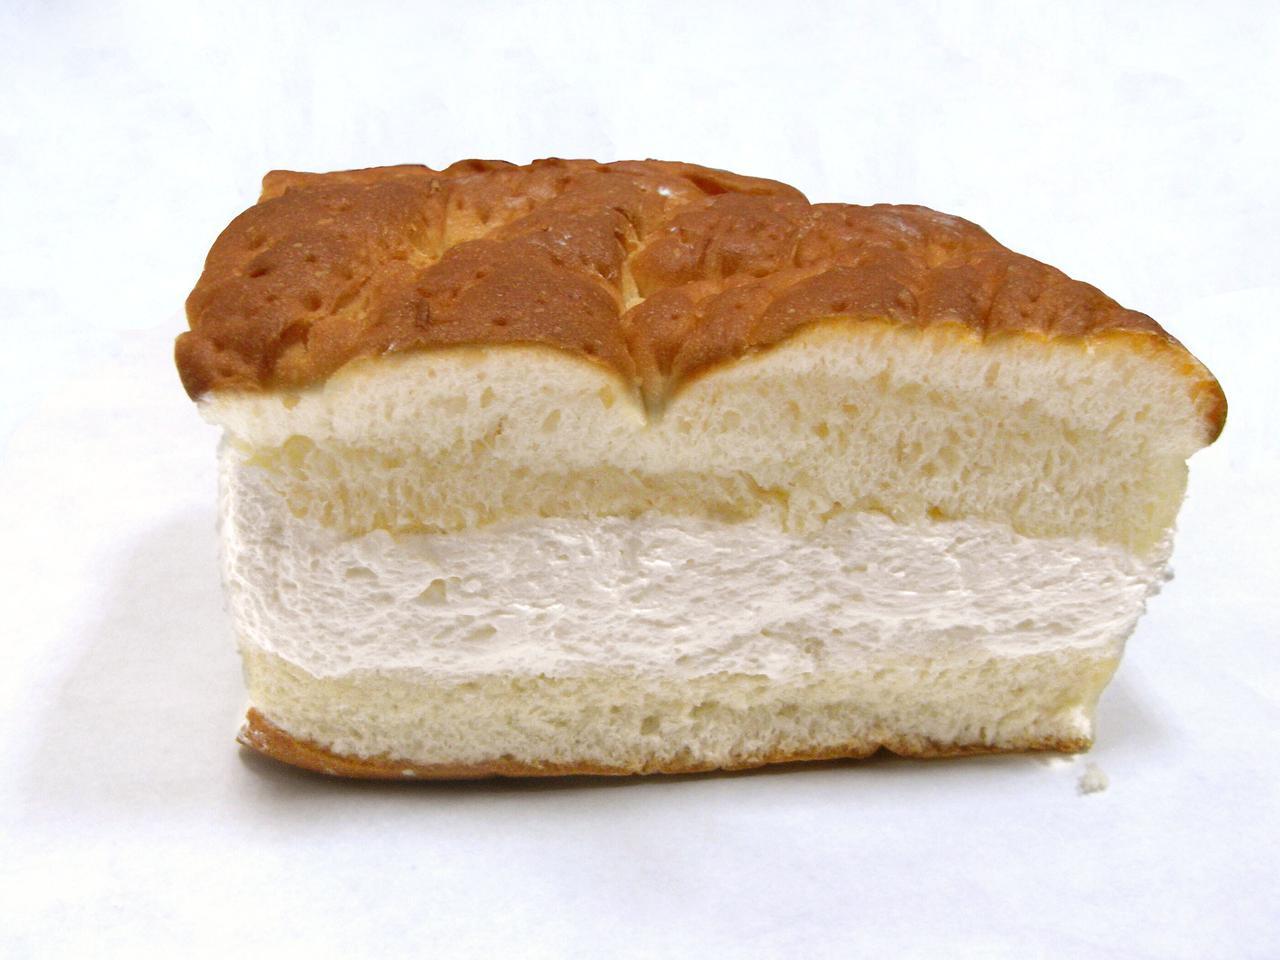 画像: 小松パン店「牛乳パン」335円(税込)